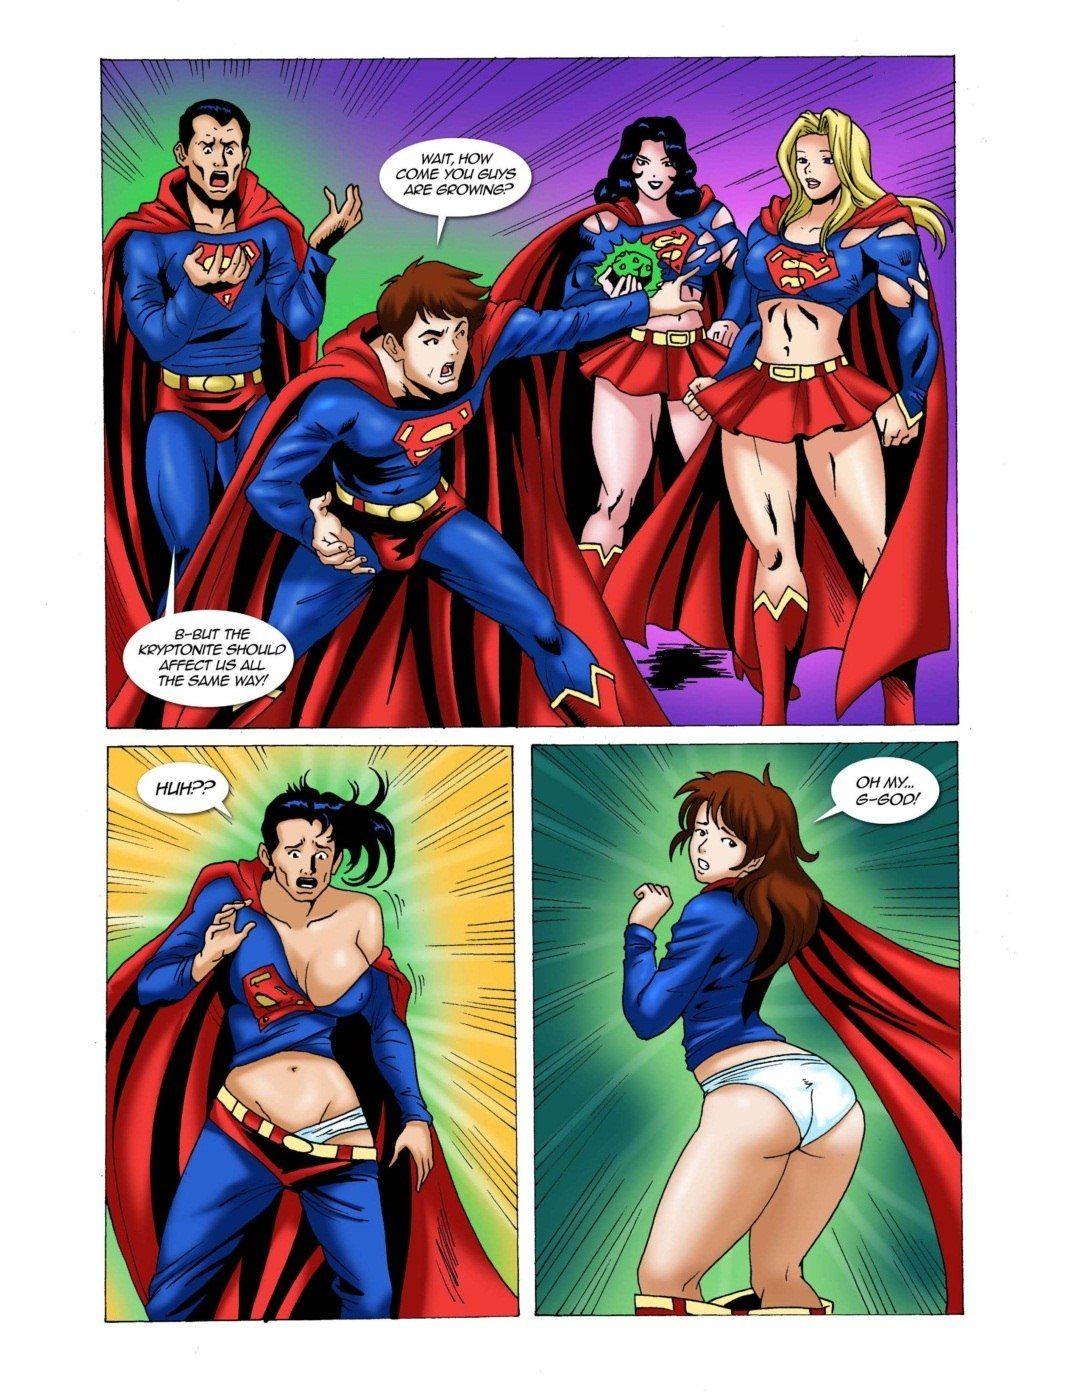 порно комиксы 8 muses № 766147 бесплатно